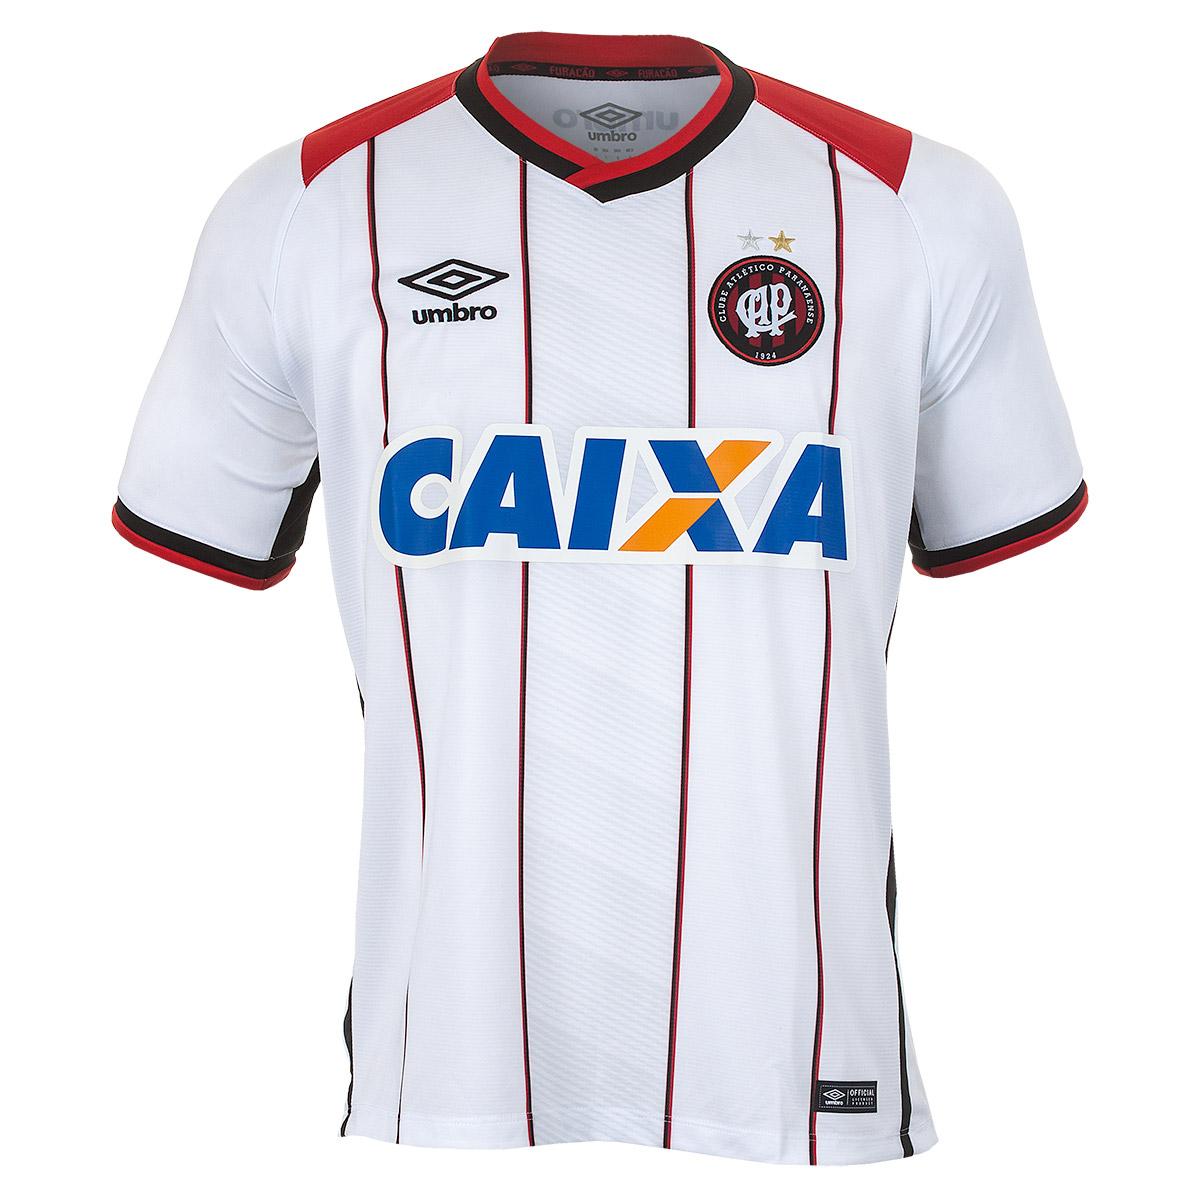 Camisa Masc. Umbro Of. Atlético Paranaense 2 2016 Futebol - Branco/Vermelho